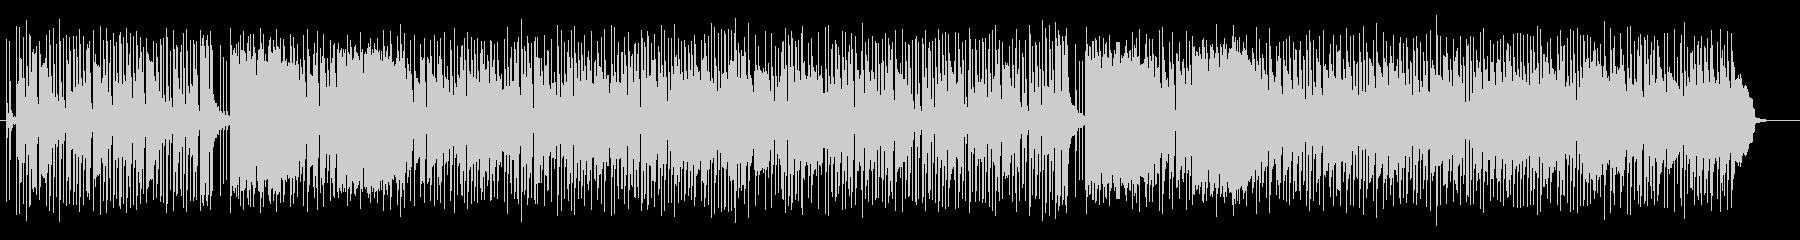 可愛いいスローテンポのシンセサイザーの曲の未再生の波形